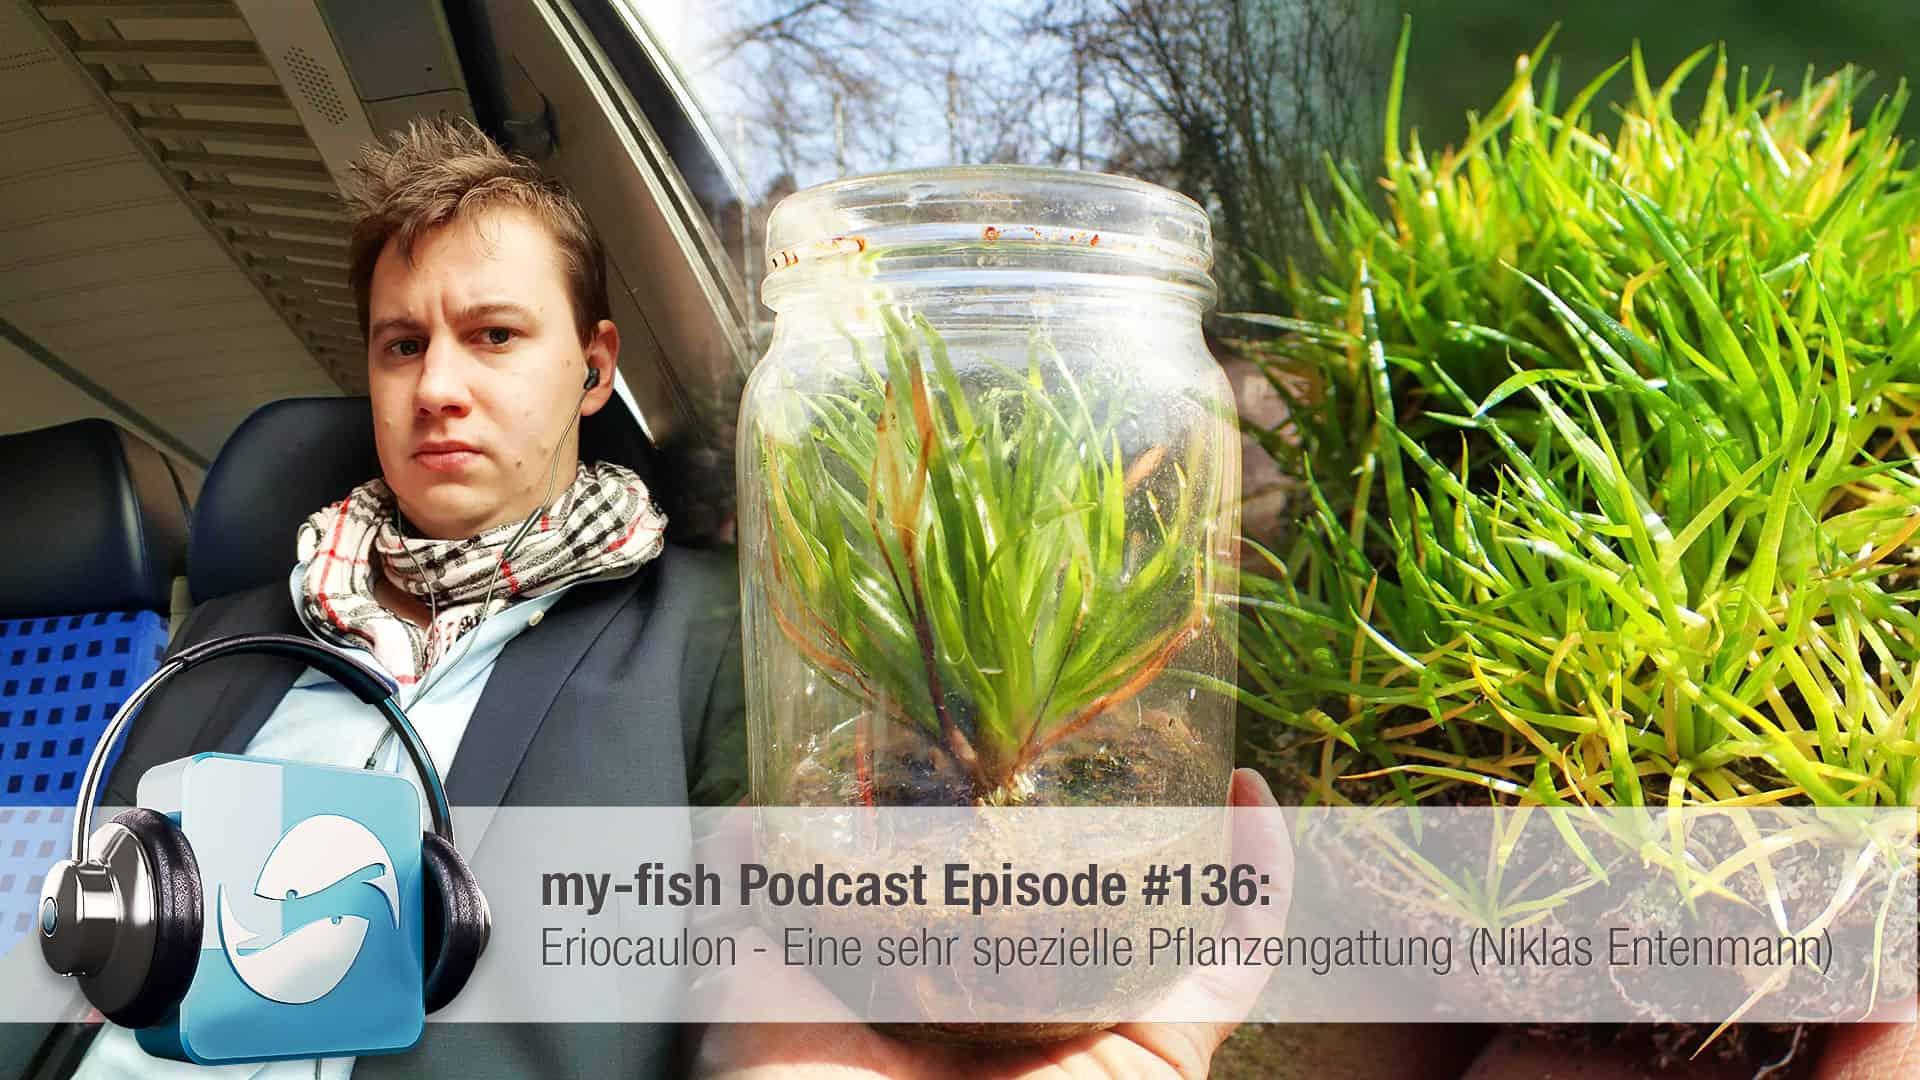 Podcast Episode #136: Eriocaulon - Eine sehr spezielle Pflanzengattung (Niklas Entenmann) 1